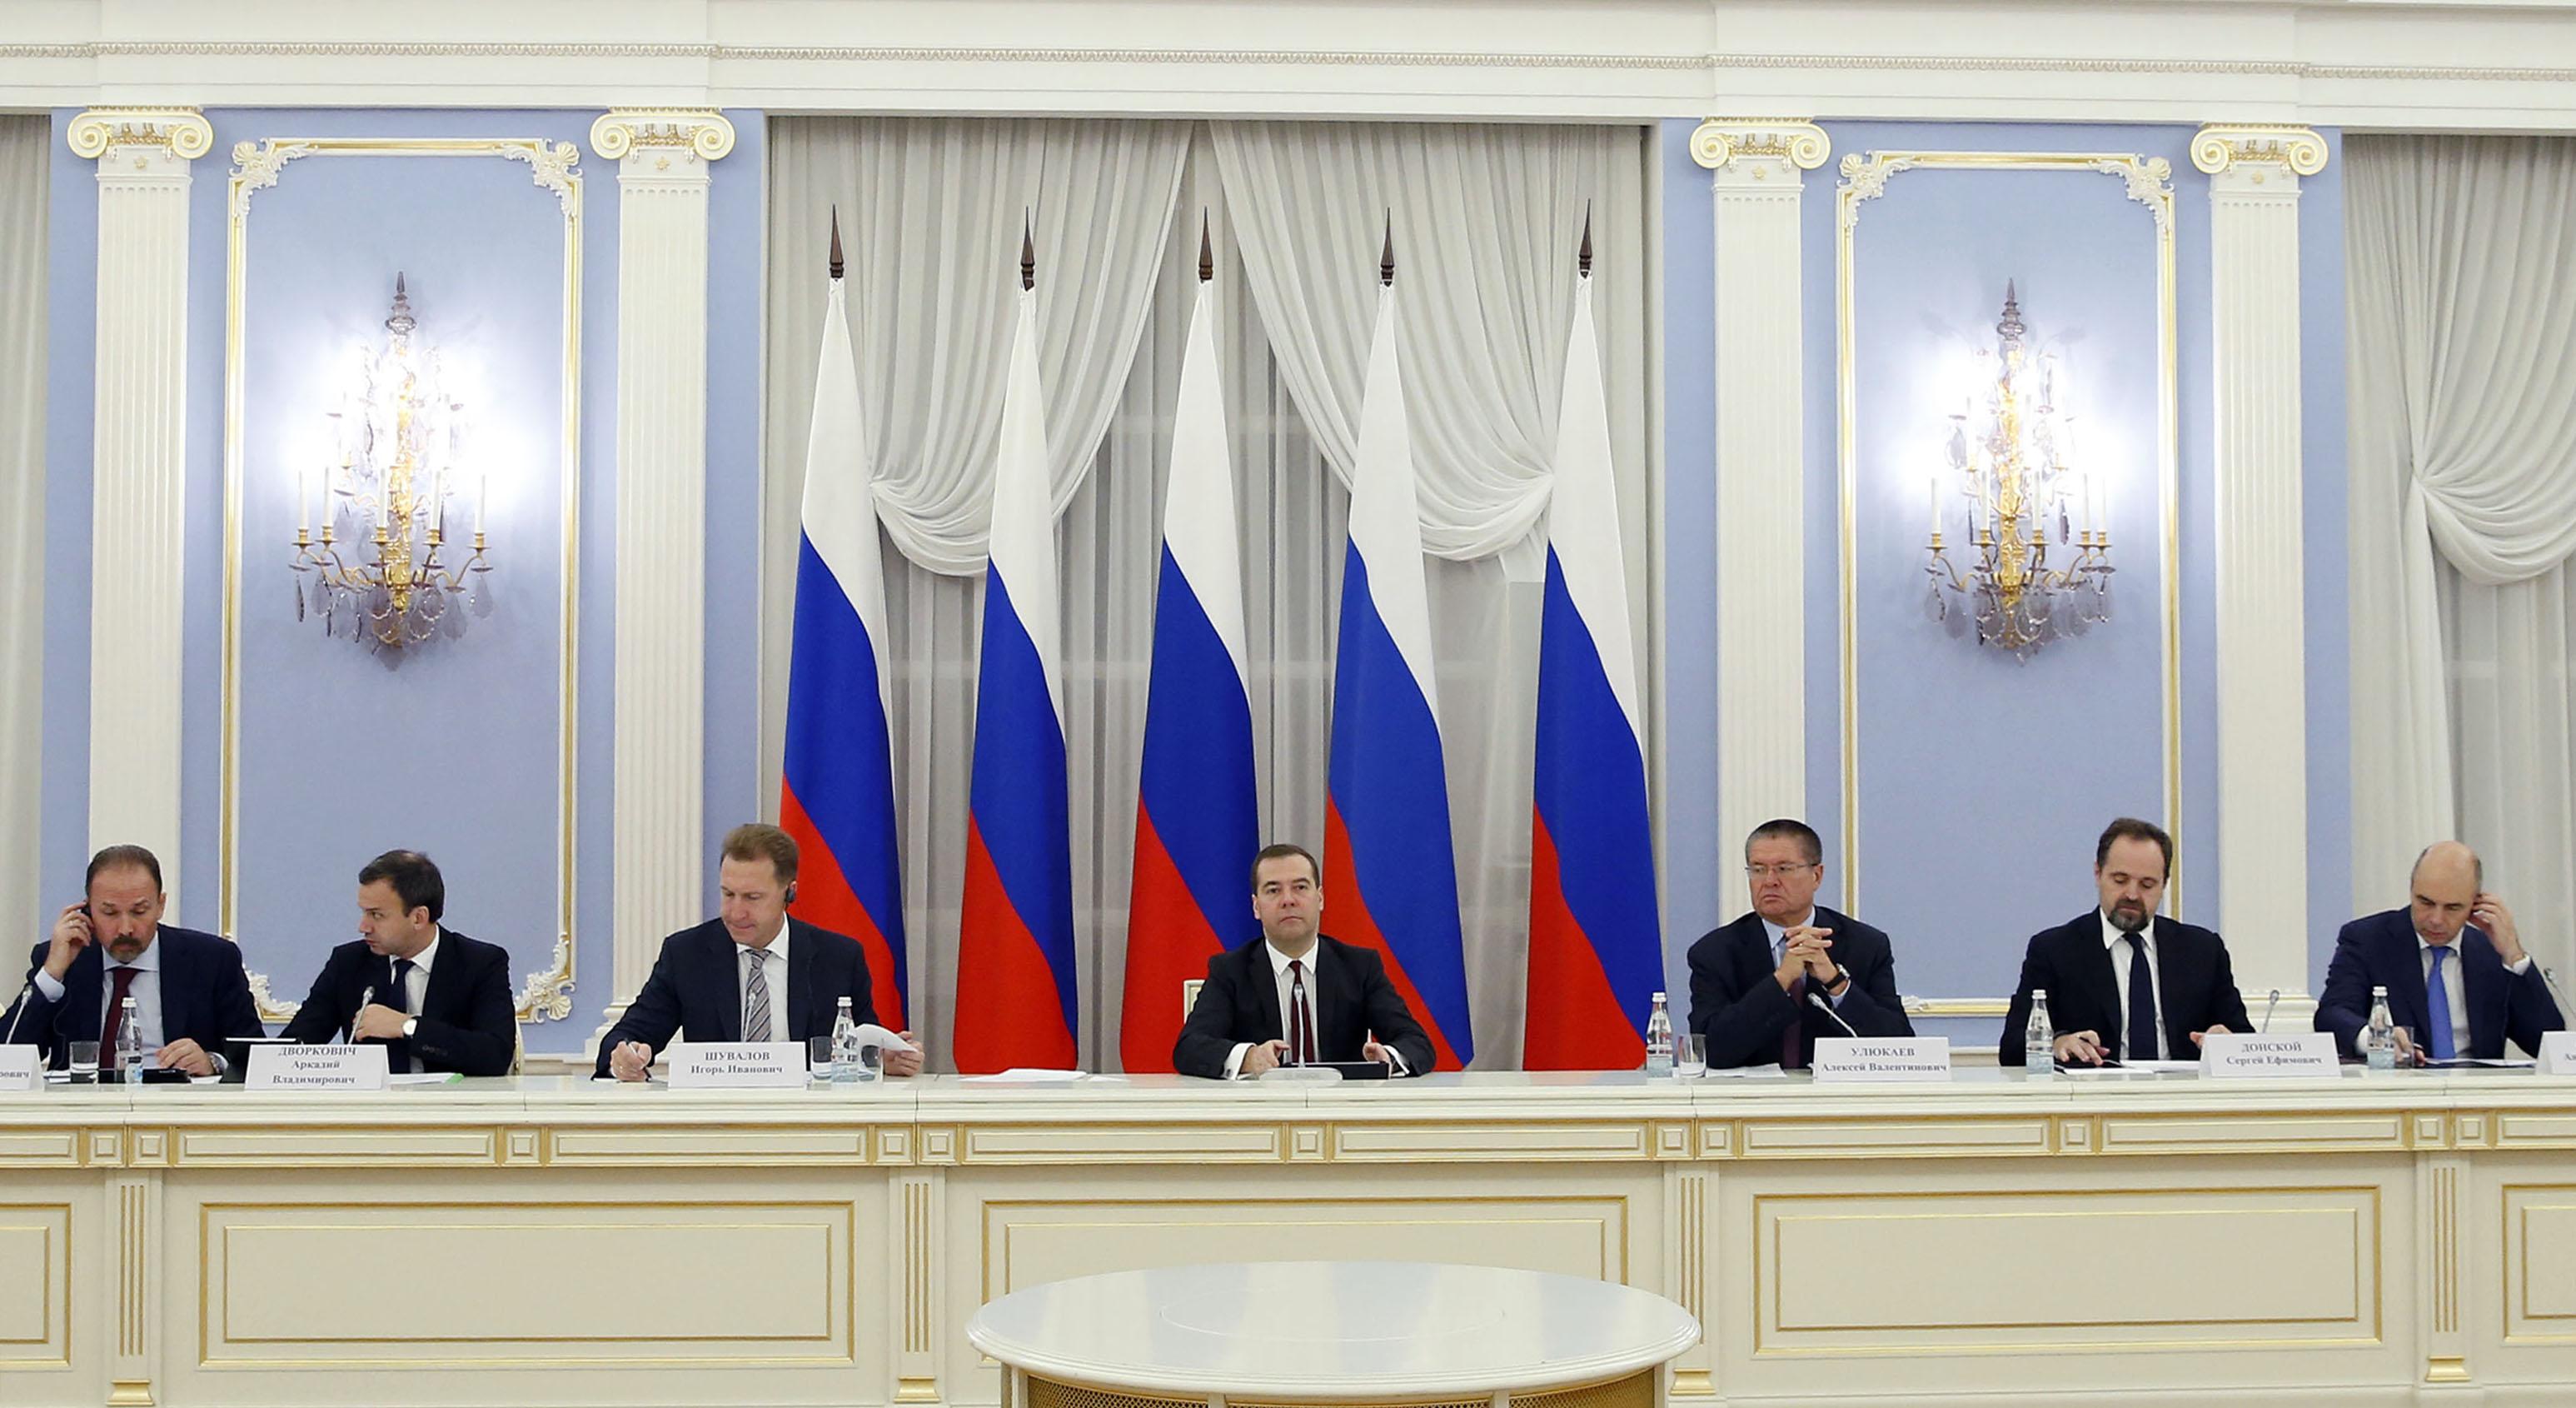 Премьер-министр РФ Д.Медведев на заседании консультативного совета по иностранным инвестициям